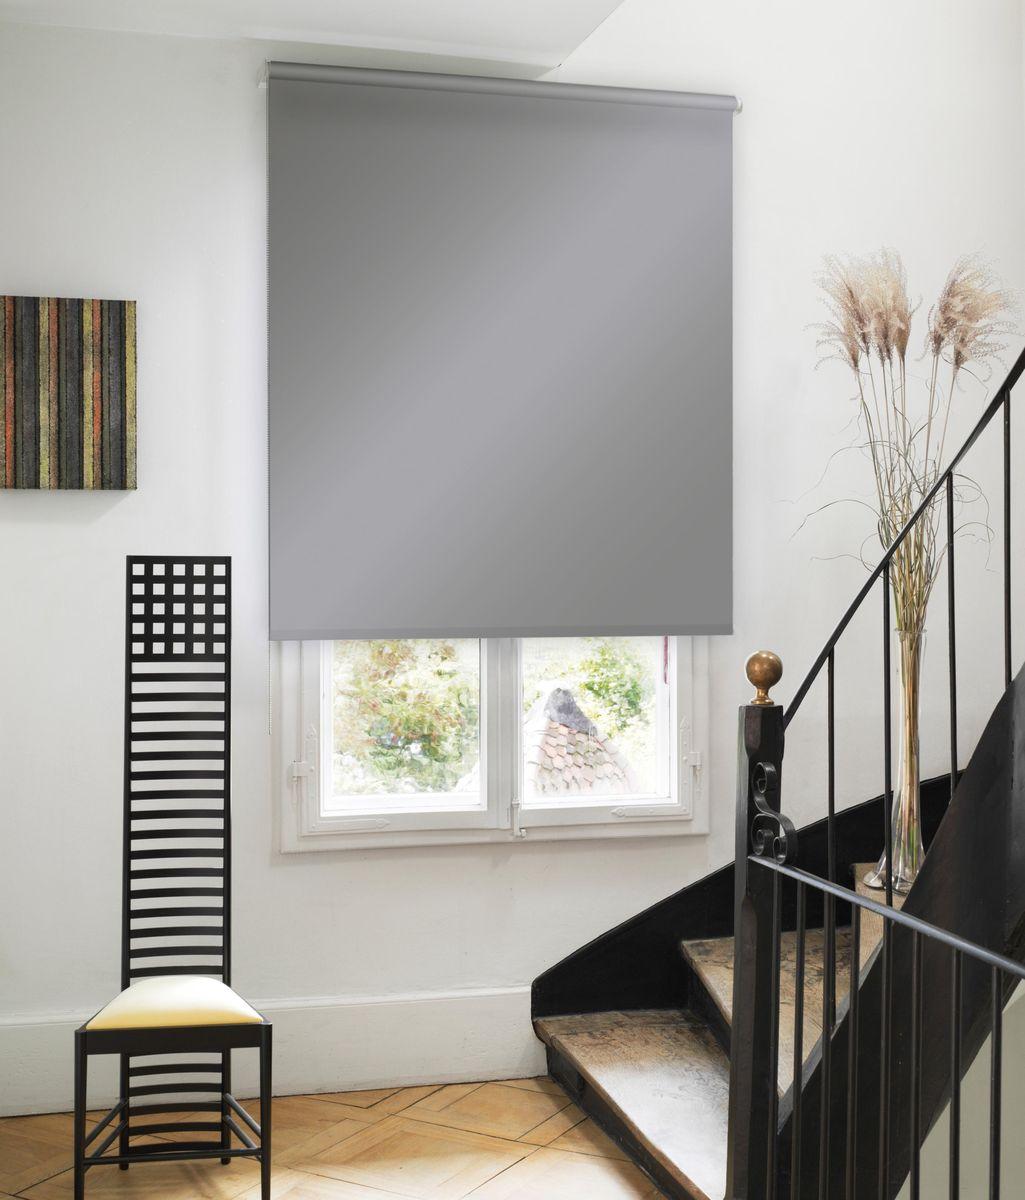 Штора рулонная Эскар, цвет: серый, ширина 140 см, высота 170 см81020140170Рулонными шторами можно оформлять окна как самостоятельно, так и использовать в комбинации с портьерами. Это поможет предотвратить выгорание дорогой ткани на солнце и соединит функционал рулонных с красотой навесных. Преимущества применения рулонных штор для пластиковых окон: - имеют прекрасный внешний вид: многообразие и фактурность материала изделия отлично смотрятся в любом интерьере; - многофункциональны: есть возможность подобрать шторы способные эффективно защитить комнату от солнца, при этом она не будет слишком темной. - Есть возможность осуществить быстрый монтаж. ВНИМАНИЕ! Размеры ширины изделия указаны по ширине ткани! Во время эксплуатации не рекомендуется полностью разматывать рулон, чтобы не оторвать ткань от намоточного вала. В случае загрязнения поверхности ткани, чистку шторы проводят одним из способов, в зависимости от типа загрязнения: легкое поверхностное загрязнение можно удалить при помощи канцелярского ластика; чистка от пыли производится сухим методом при...